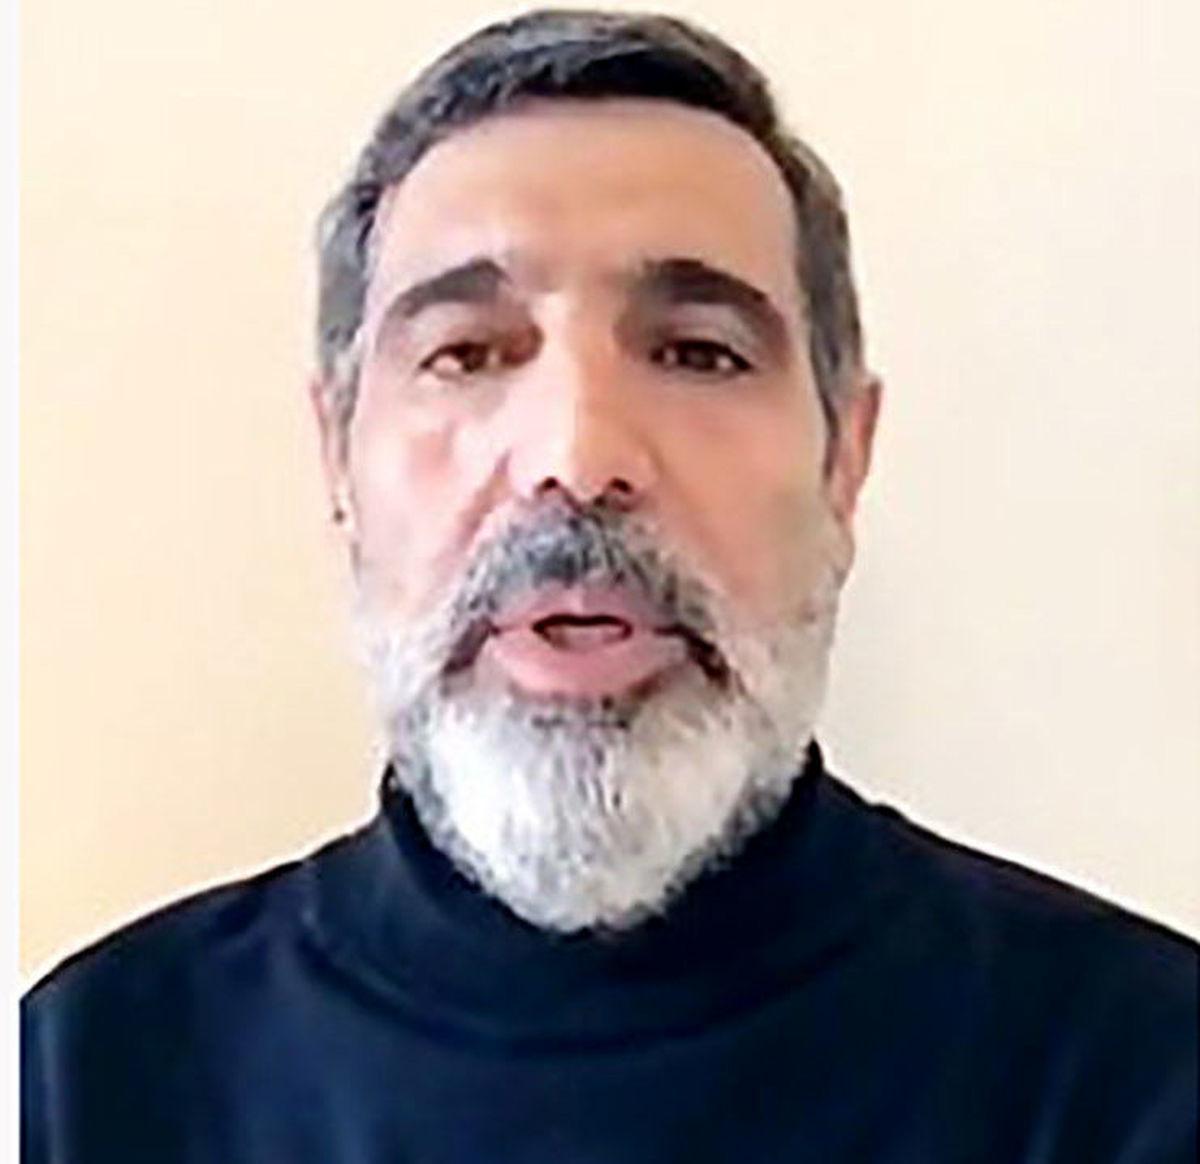 جزئیات جدید مرگ قاضی منصوری فاش شد+فیلم